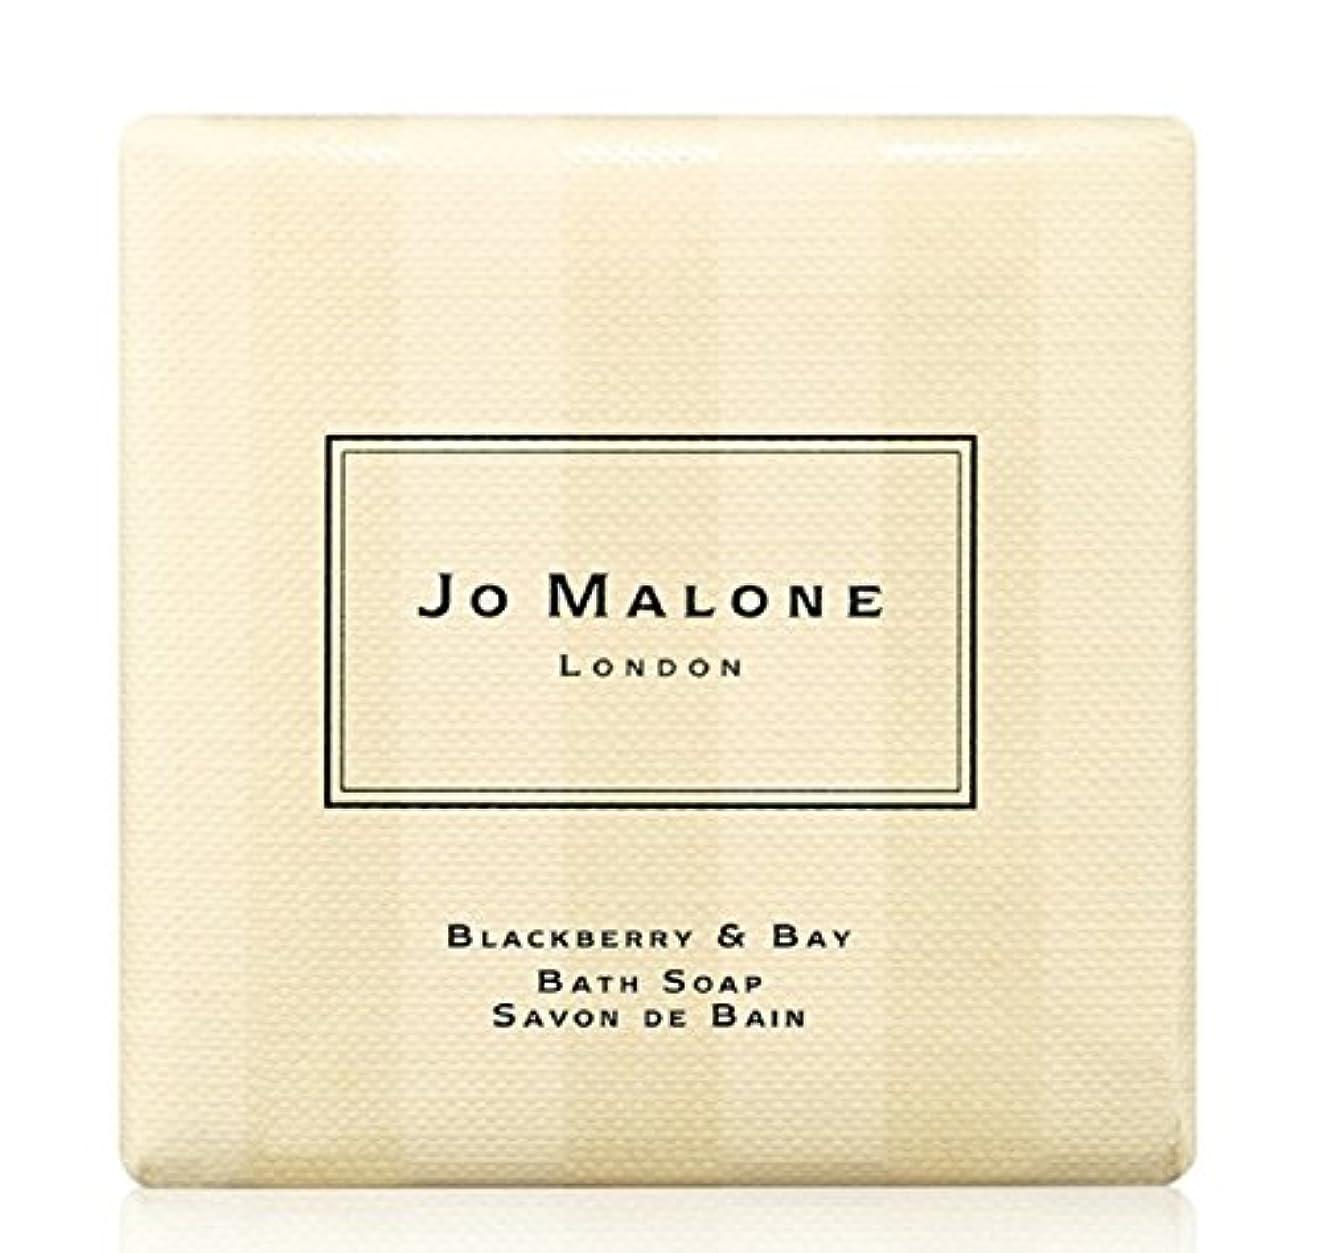 服を着るクッション評決ジョーマローン ブラックベリー&ベイ バス ソープ 石鹸 100 g